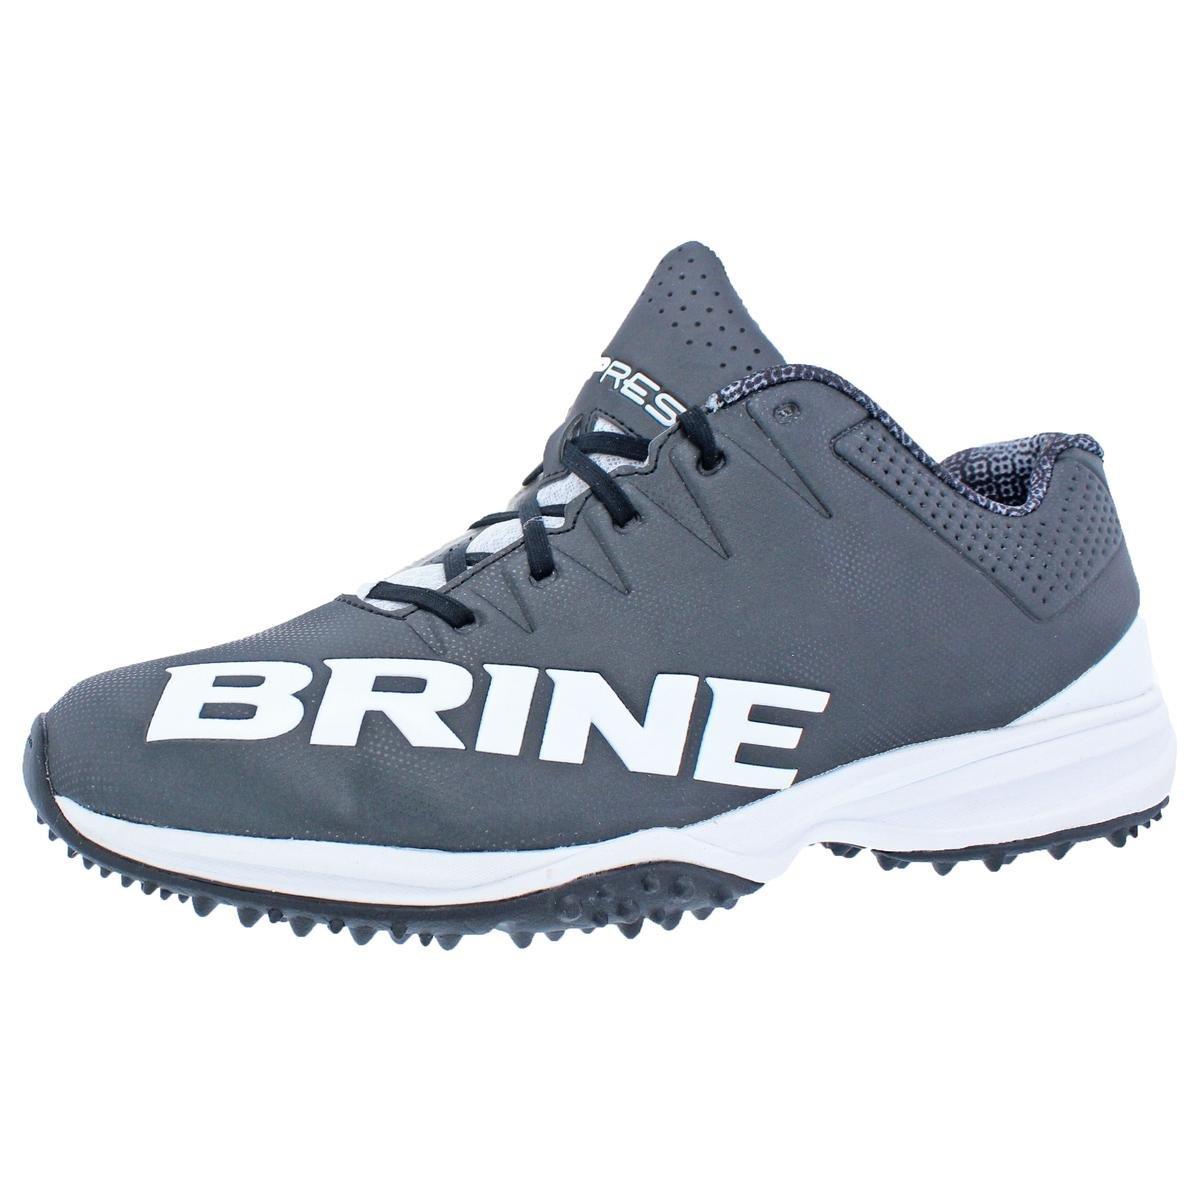 Brine Womens Empress Lacrosse Turf Athletic Shoes Black 12 Medium (B,M)